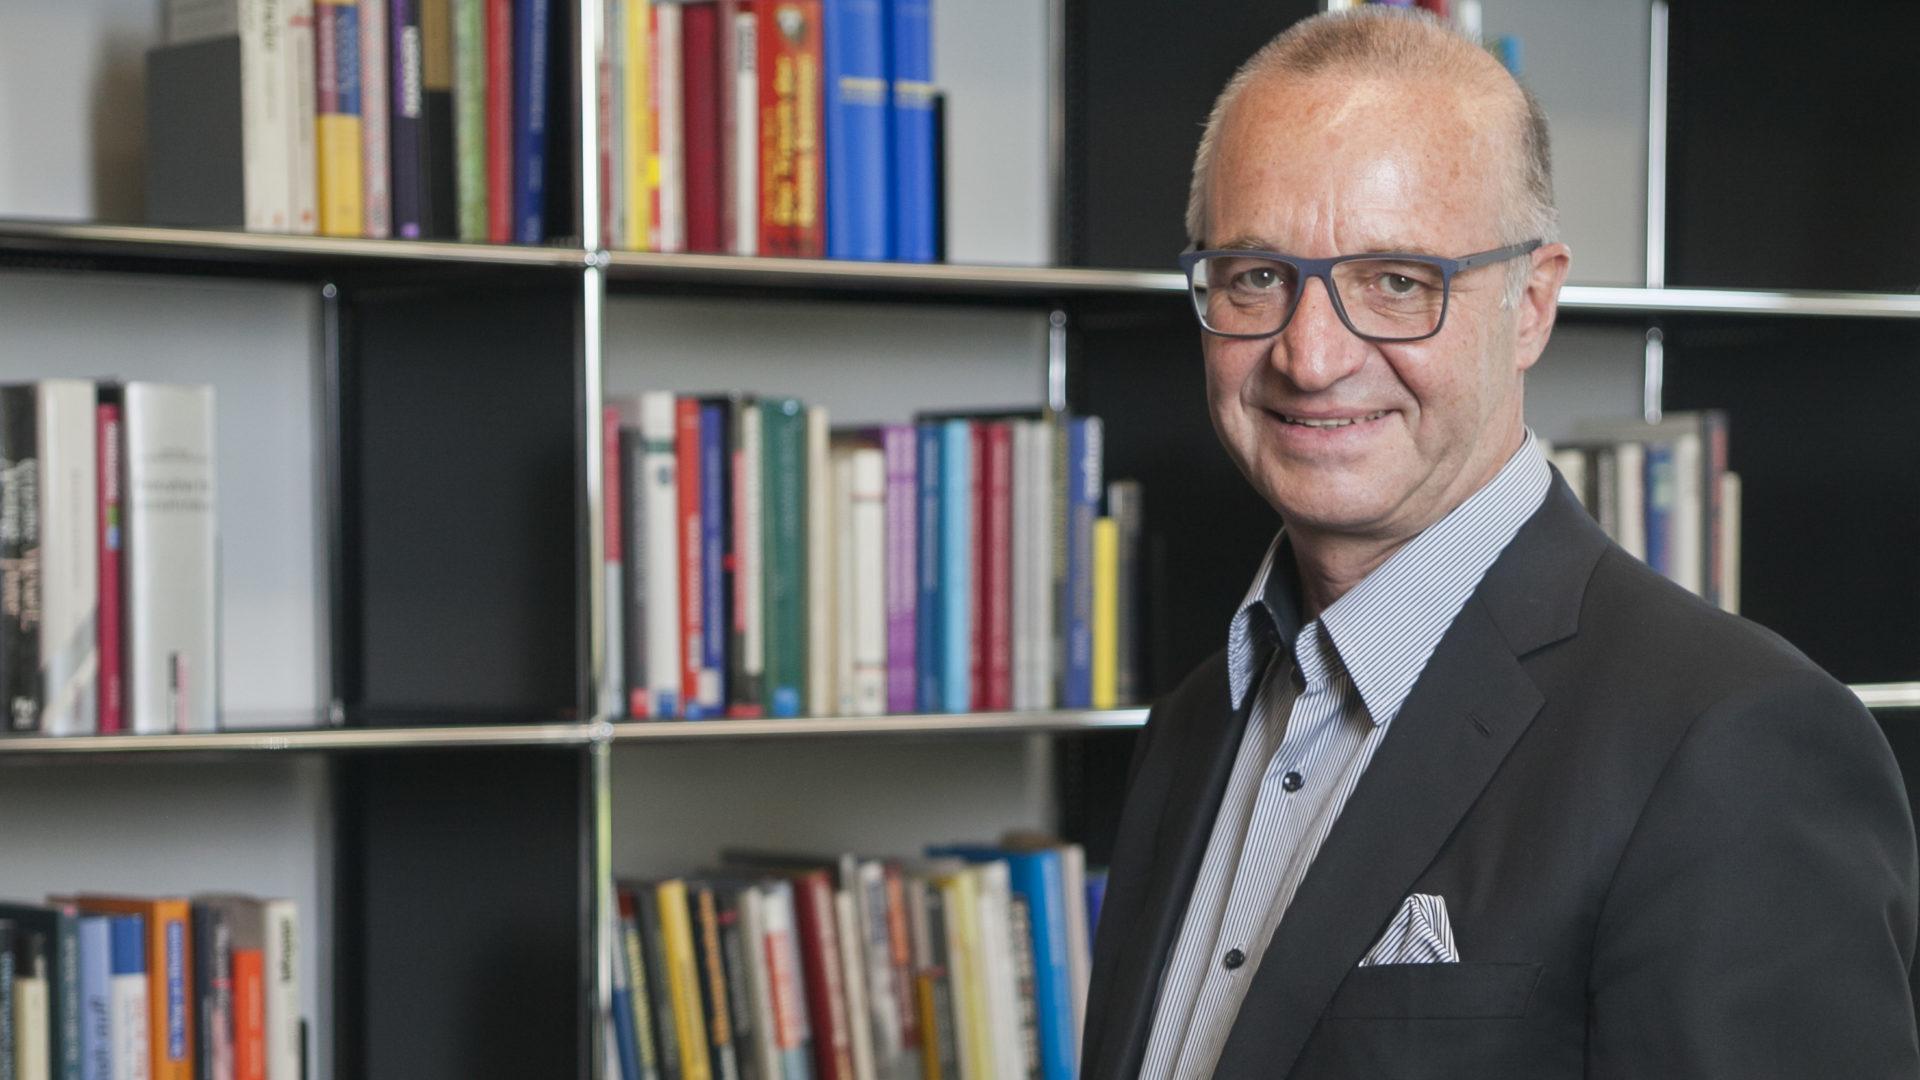 Dr. Christoph Nussbaumer - Strategieentwicklung - Strategieimplementierung mit der Balanced Scorecard - Strategisches Controlling